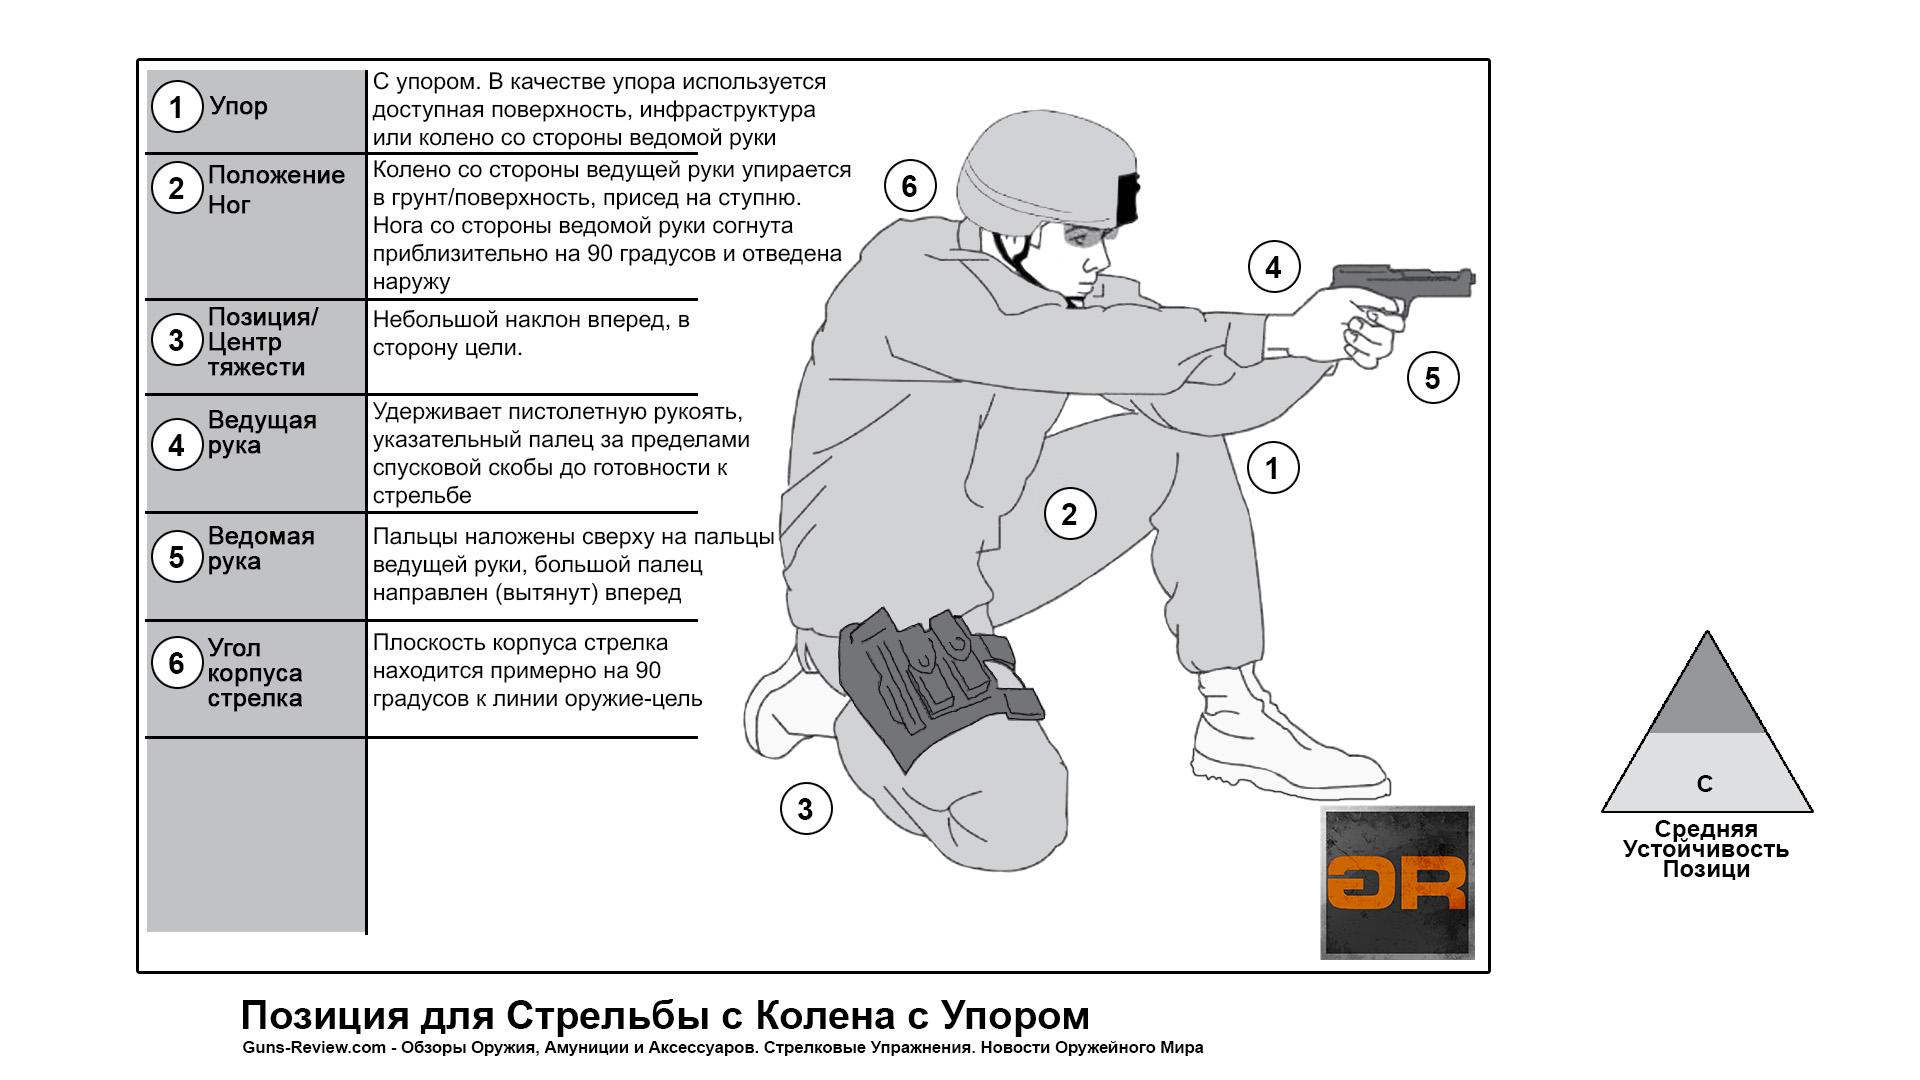 Позиция для стрельбы из пистолета с колена с упором / US ARMY Pistol, 2017. Перевод и адаптация Guns-Review.com